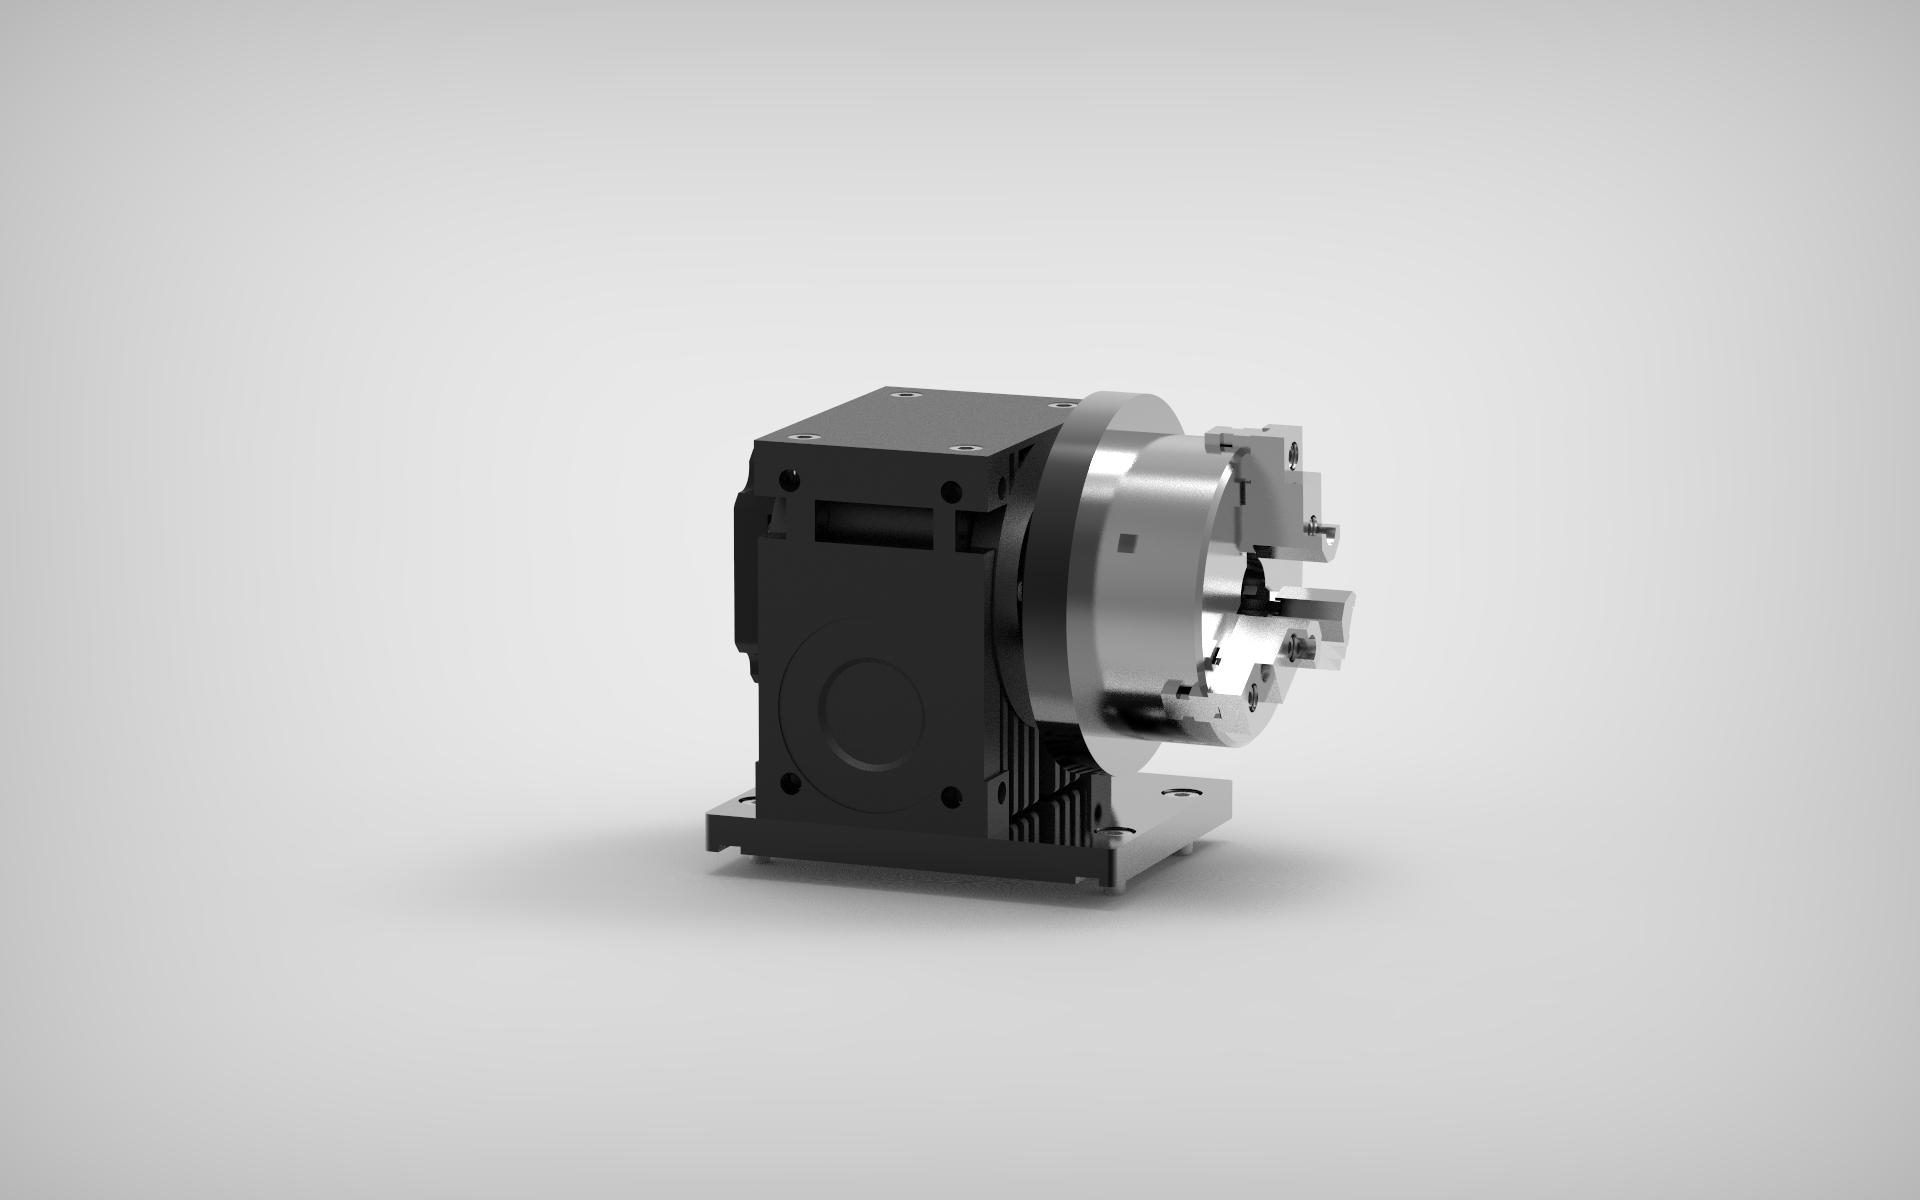 Dispositivo rotor para marcação a laser cilíndrica